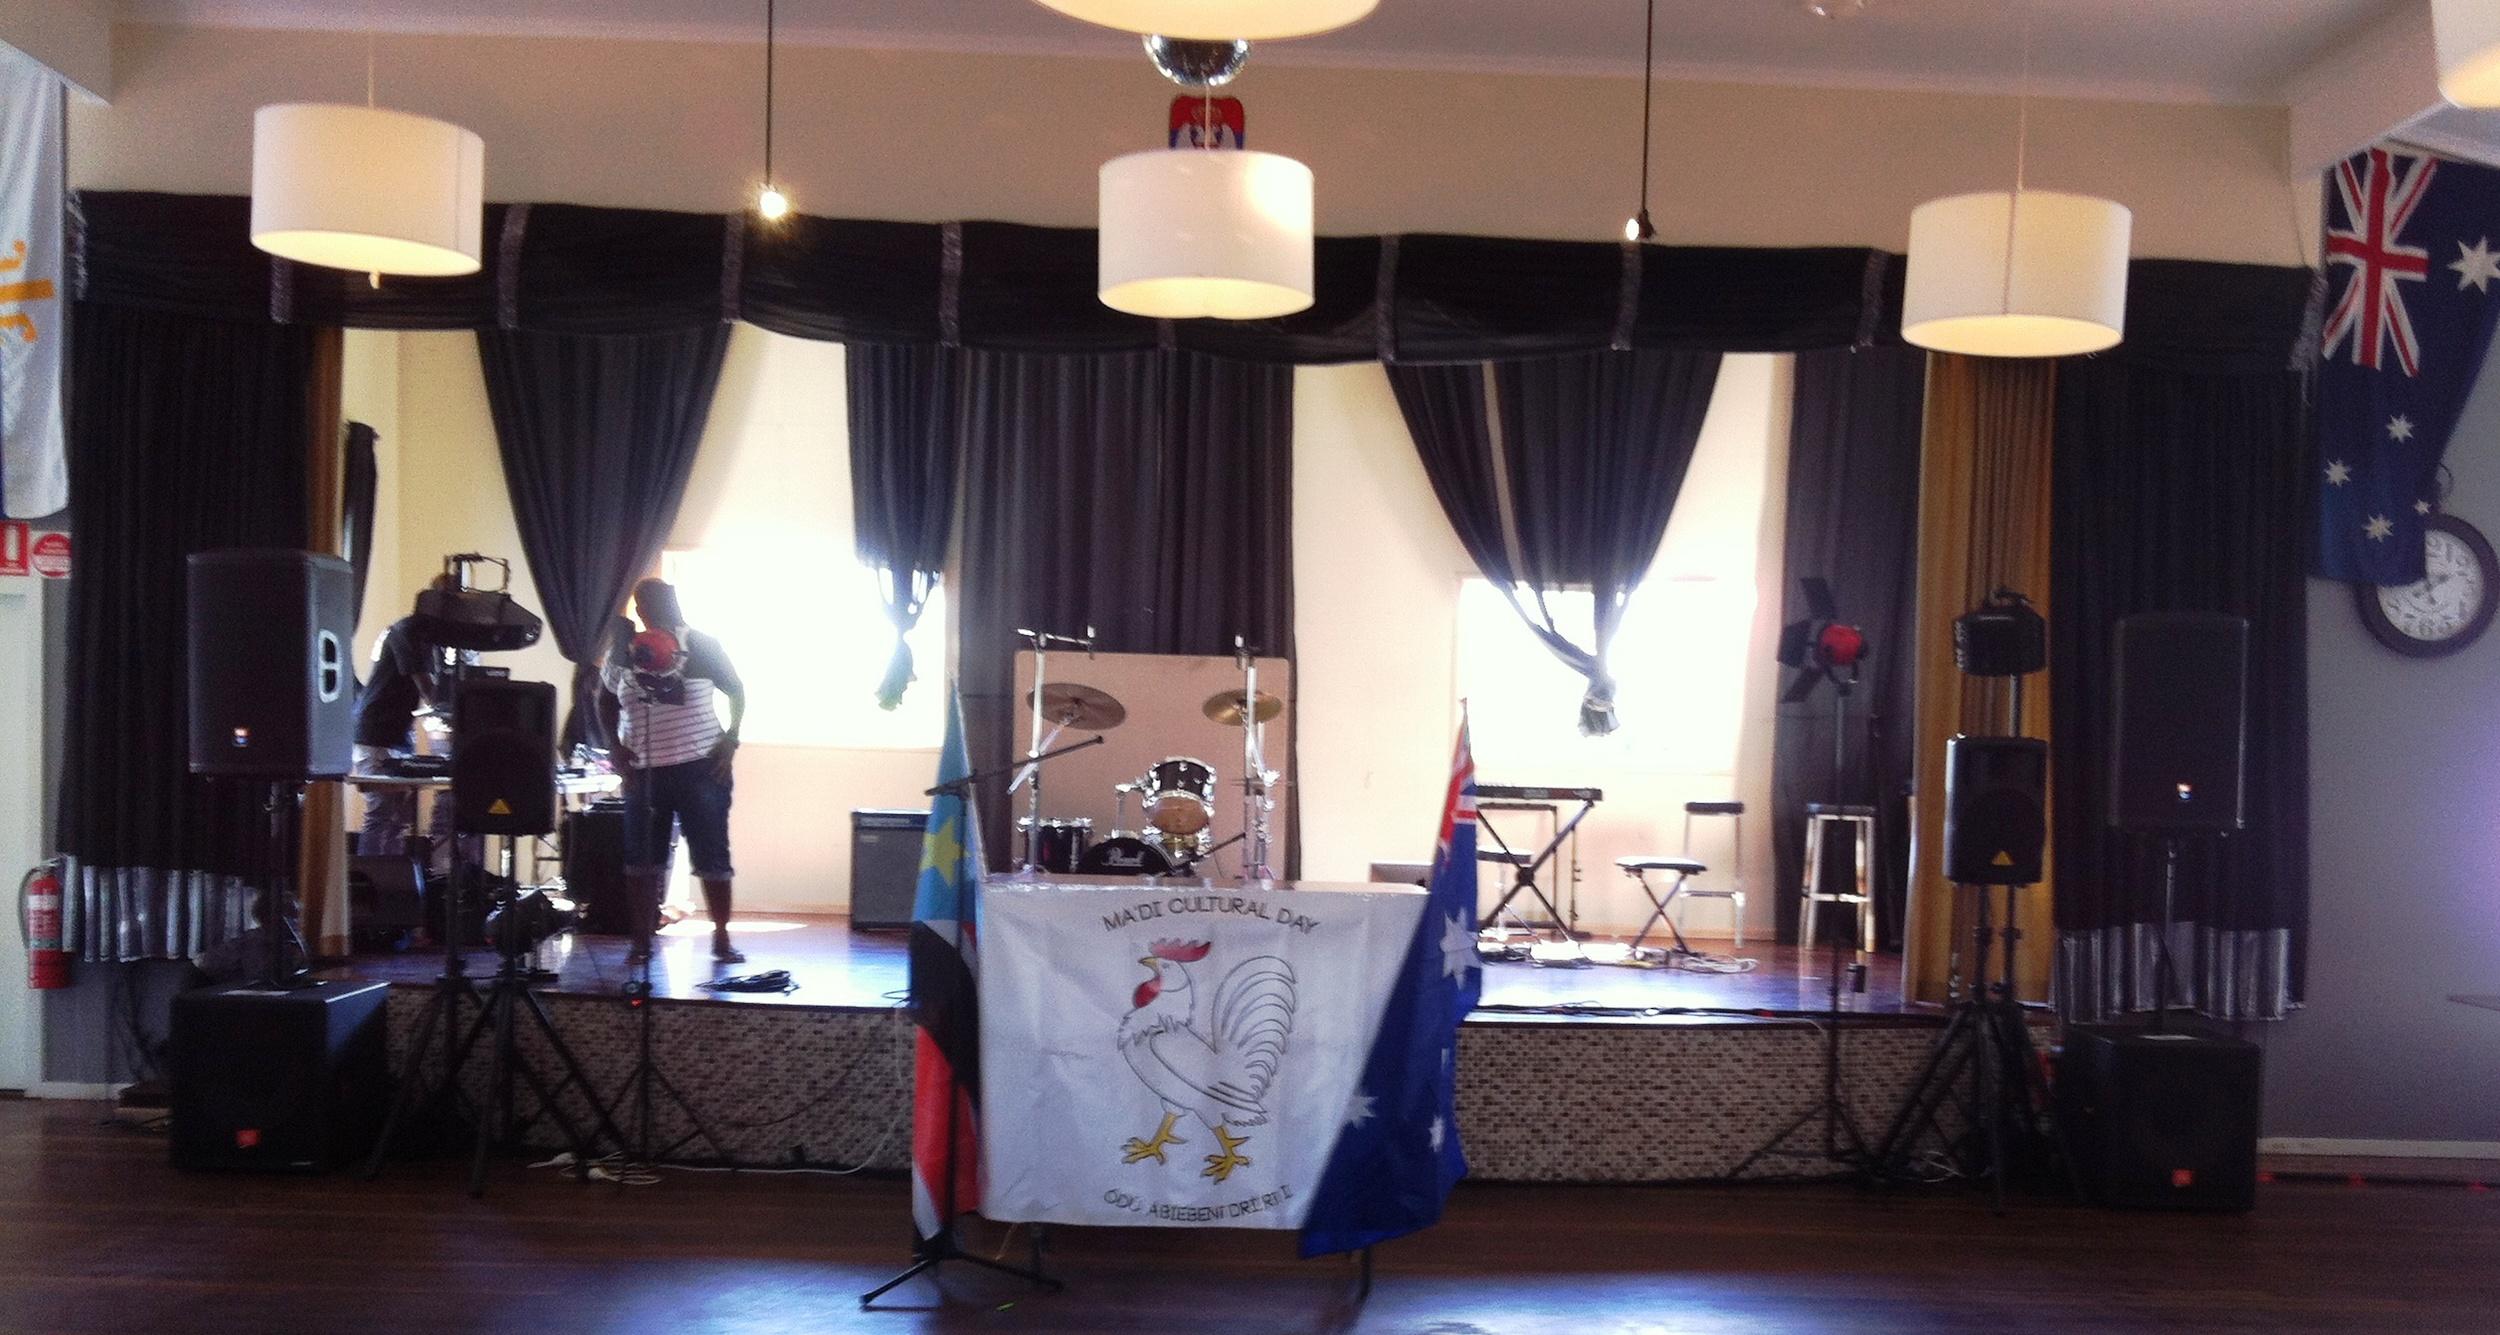 Cultural event at Acacia Ridge